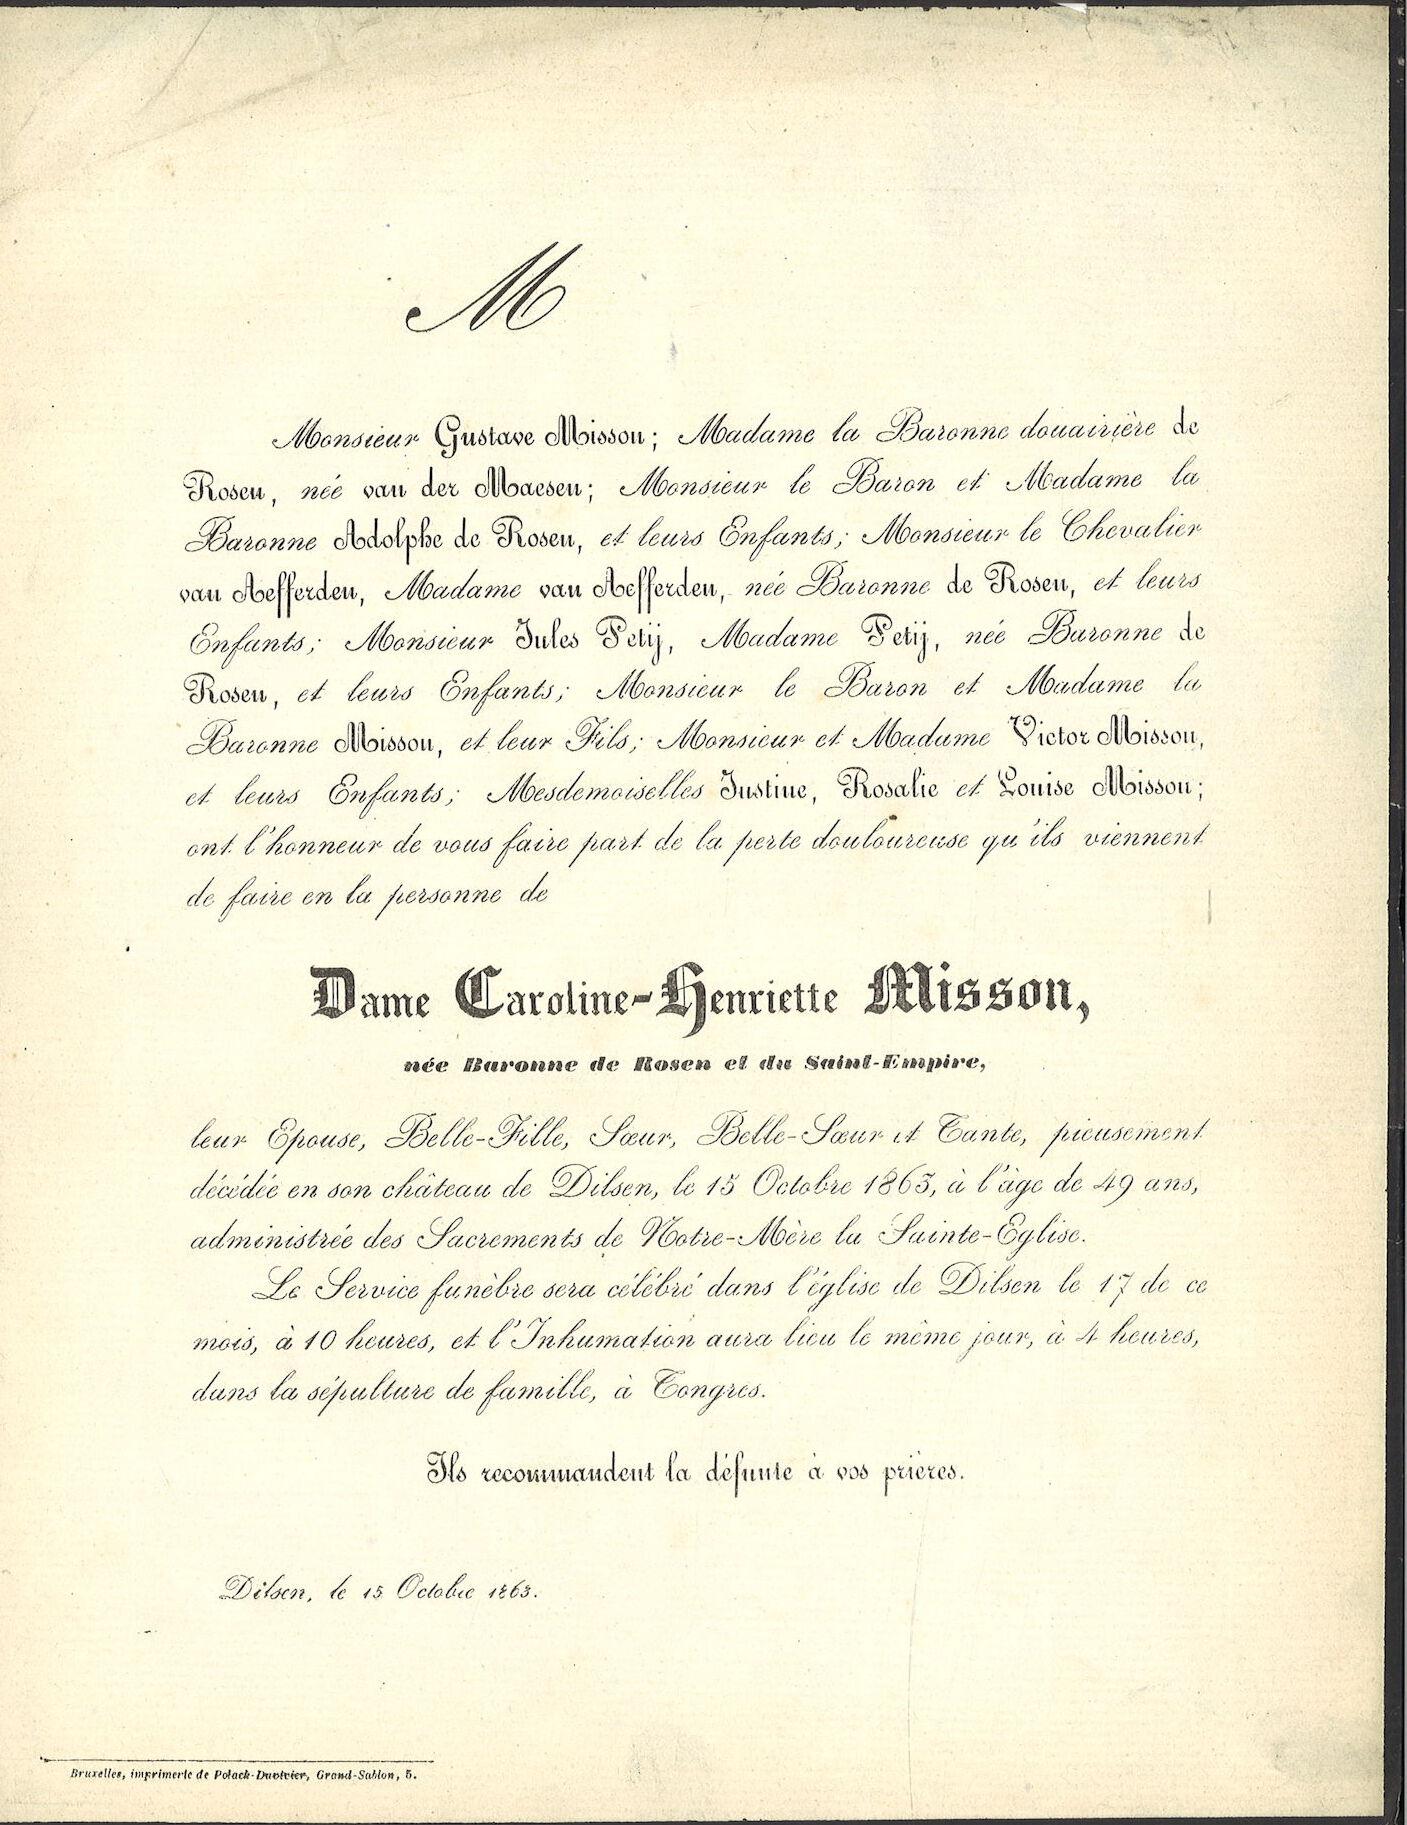 Caroline-Henriette de Rosen et du Saint-Empire